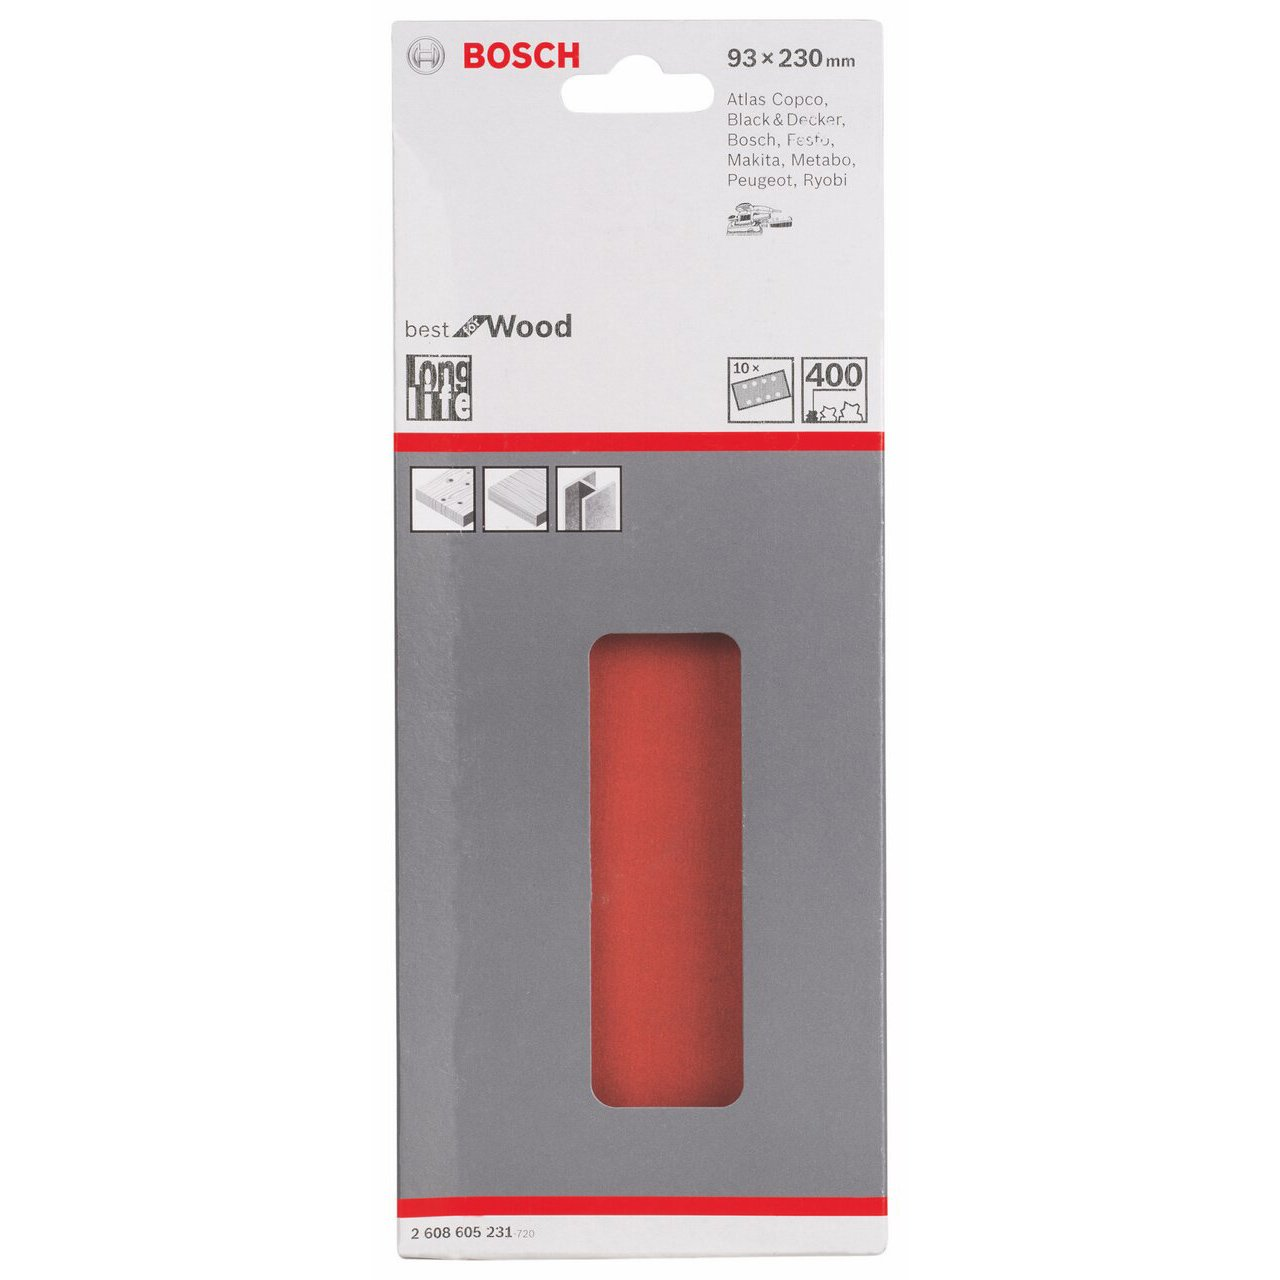 10 St/ück, K/örnung 180, C470 Bosch Professional Schleifblatt f/ür Schwingschleifer Holz und Farbe Best for Wood and Paint